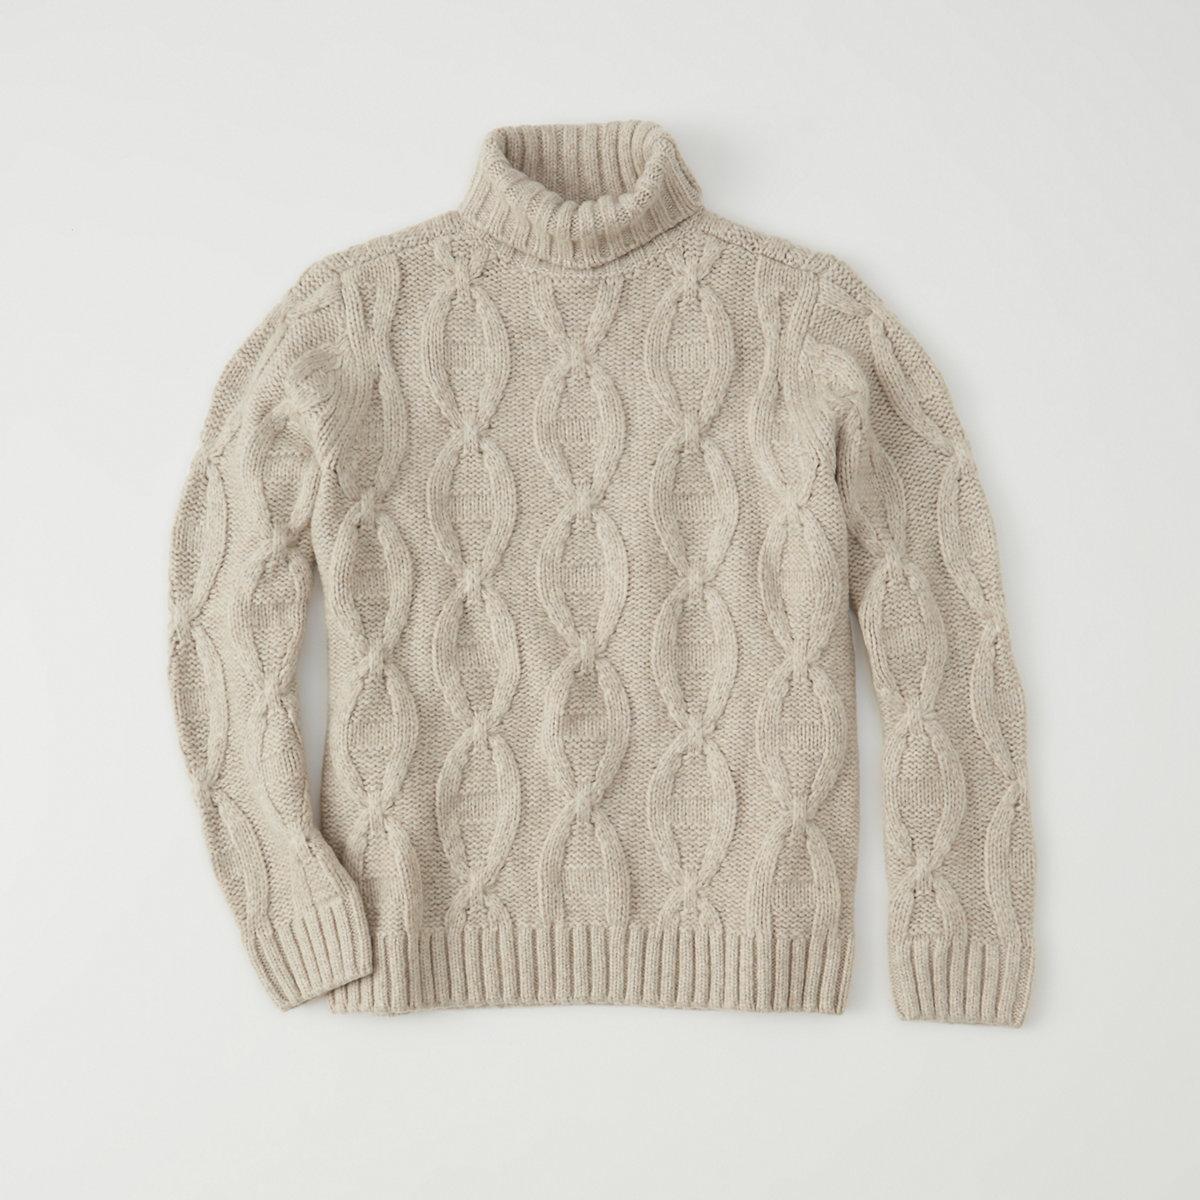 Airspun Turtleneck Sweater